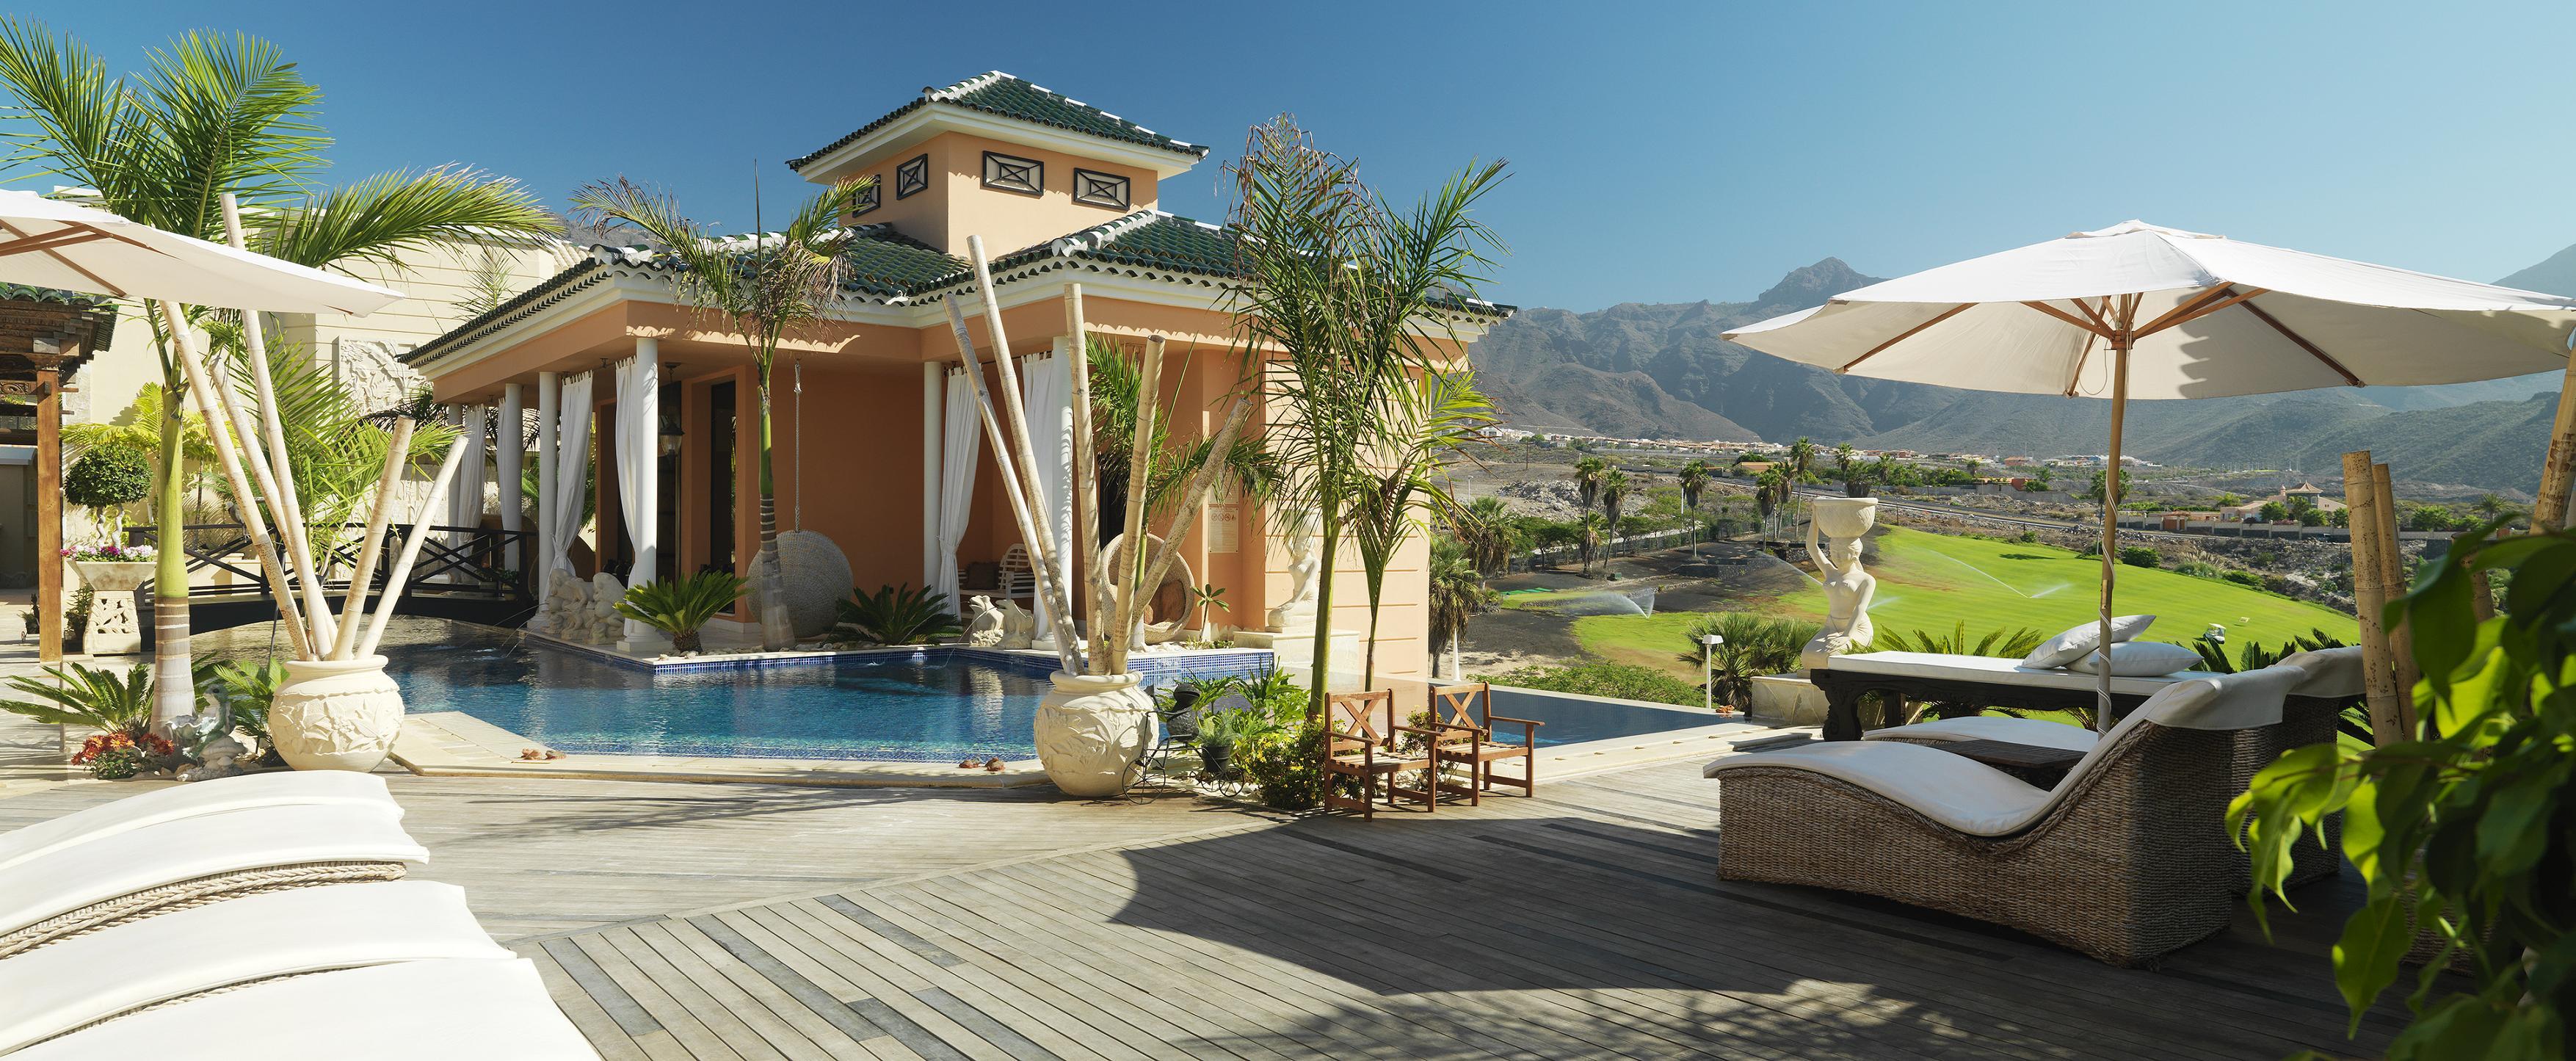 Baños Turcos Los Olivos:Royal Garden Villas Tenerife